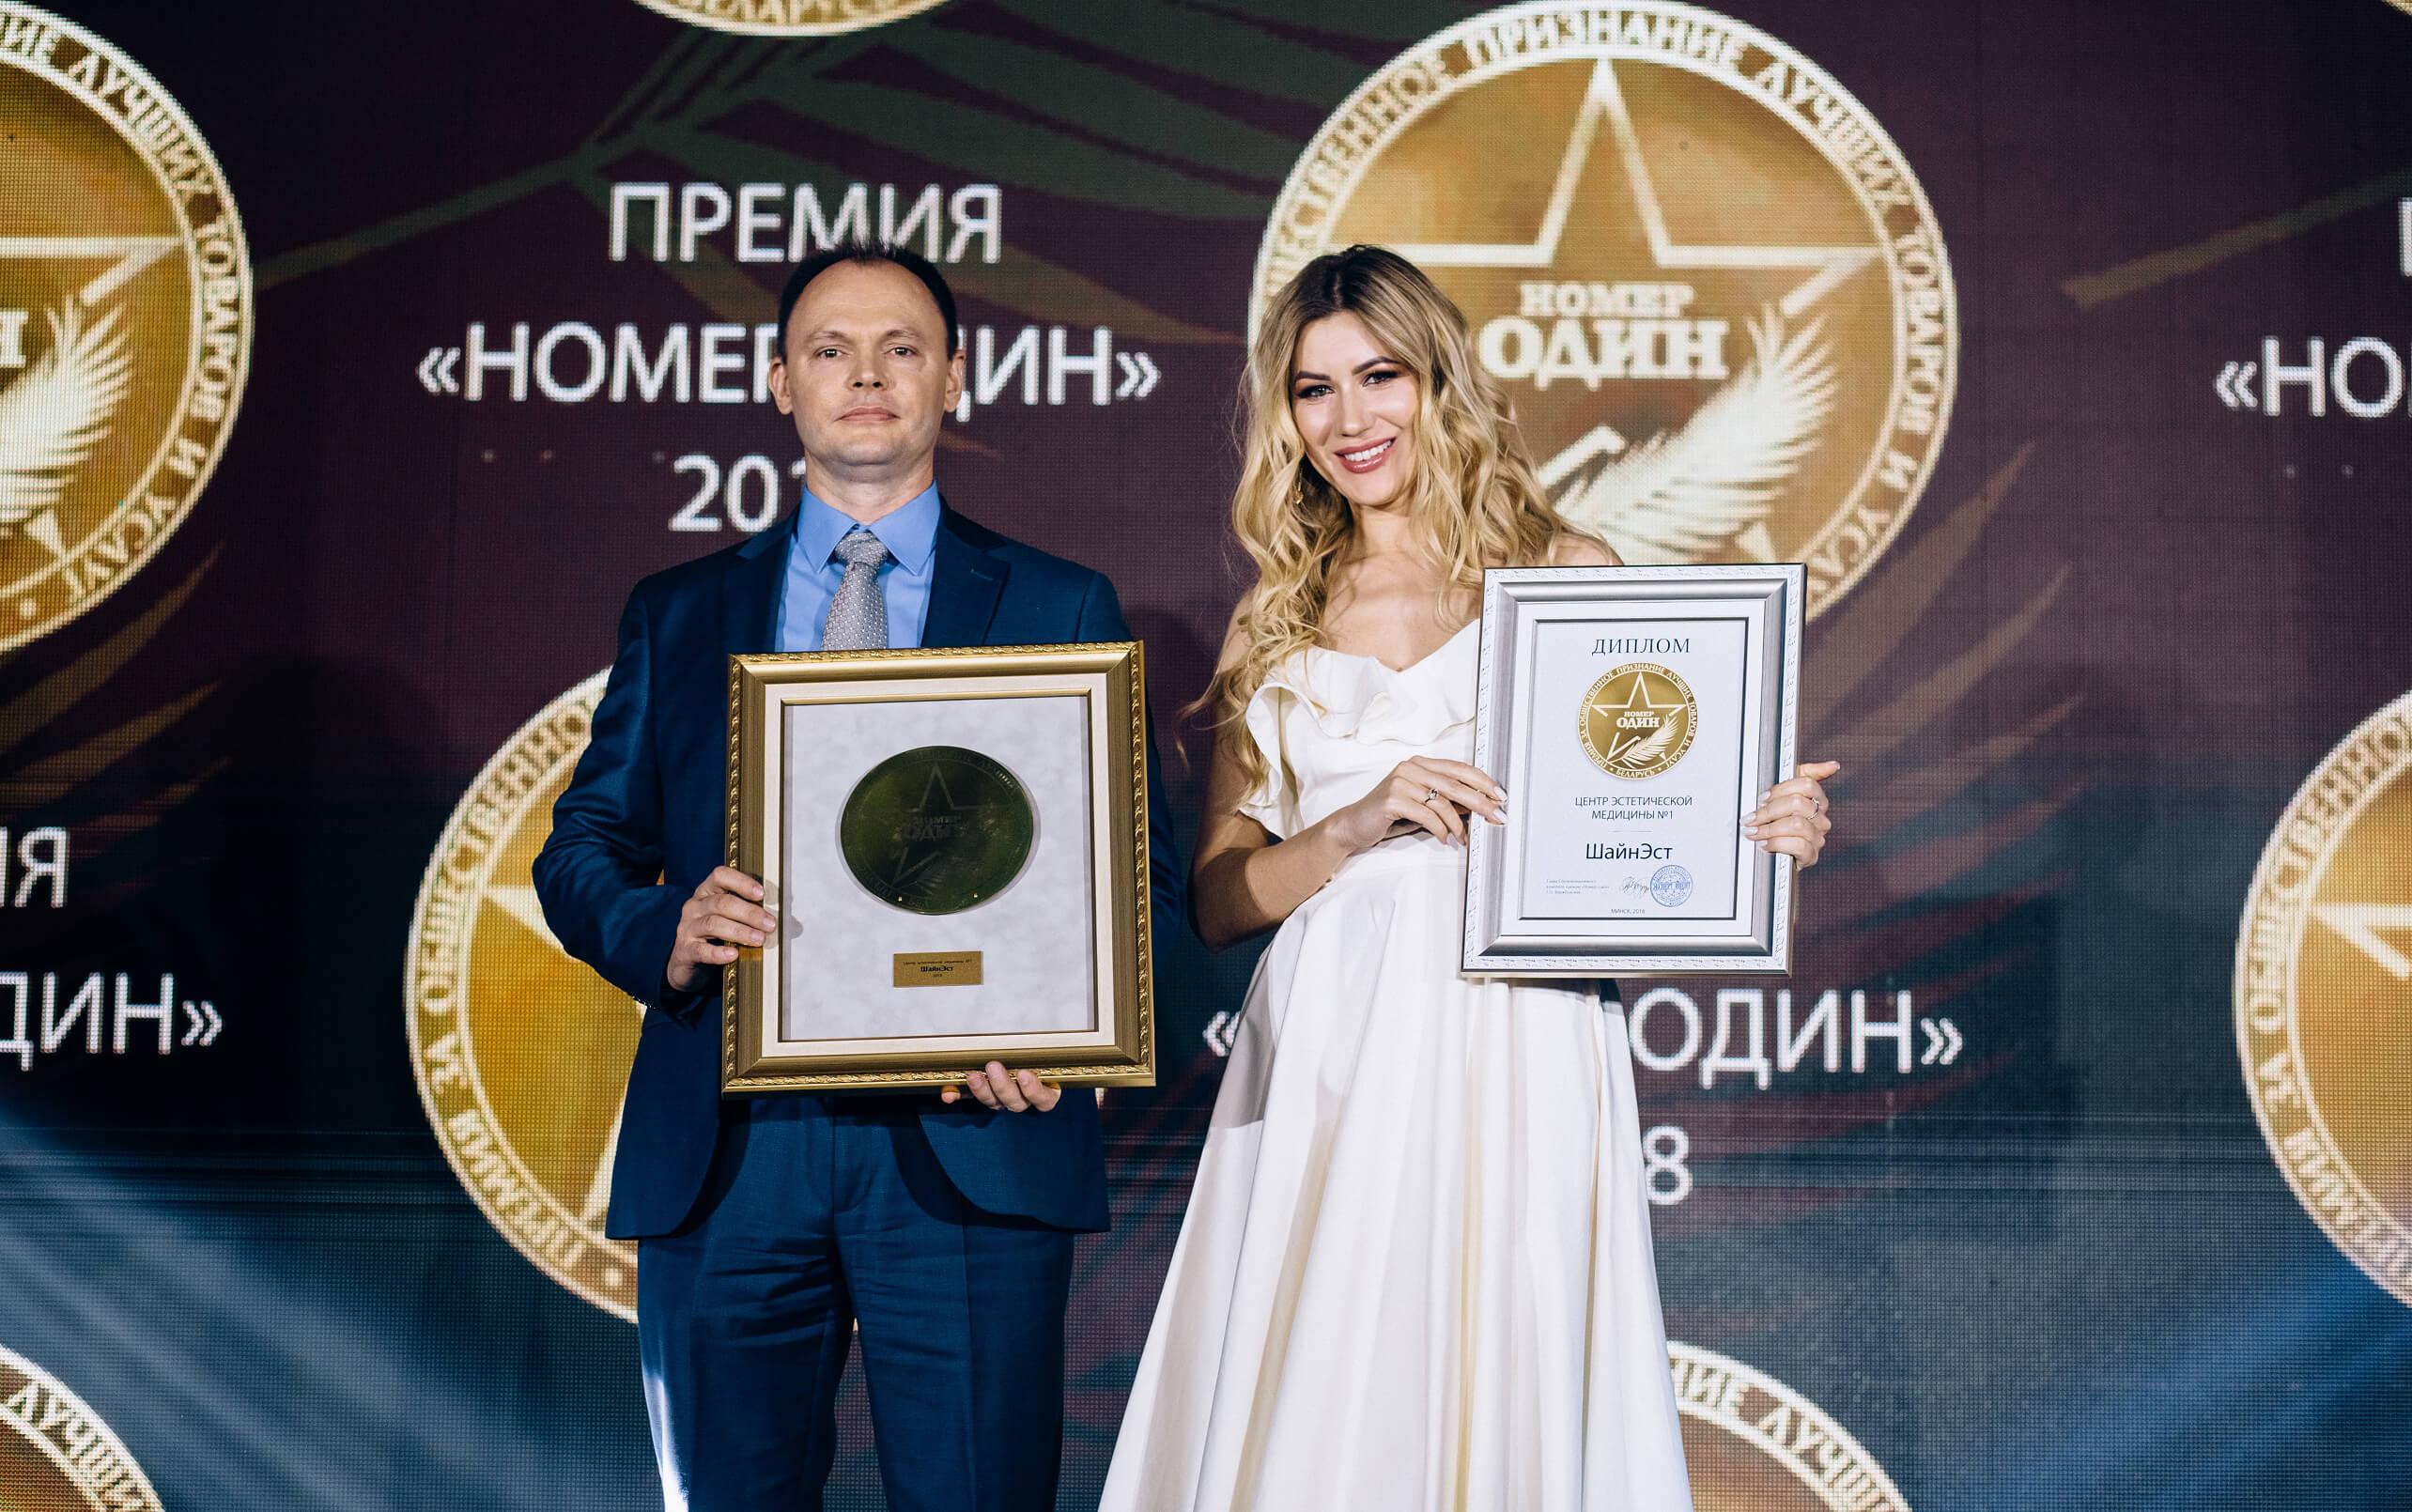 ШАЙНЭСТ — Центр эстетической медицины НОМЕР ОДИН 2018